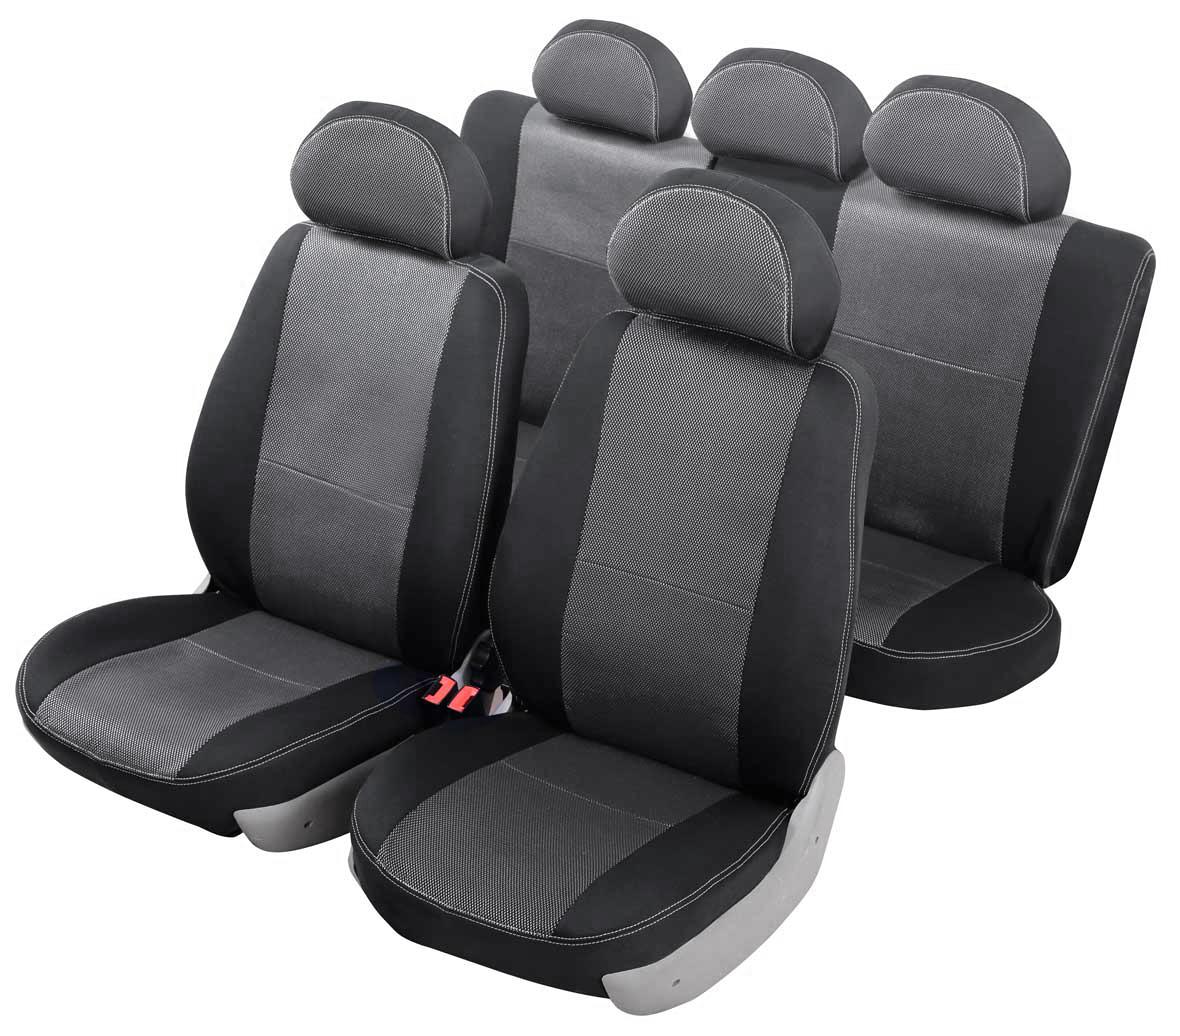 Чехол на автомобильное кресло Senator Dakkar LADA 2190 (Гранта) 2011-н.в. седан, слит.зад.ряд, цвет: черныйS3010301Разработаны в РФ индивидуально для каждой модели автомобиля. Чехлы Senator Dakkar серийно выпускаются на собственном швейном производстве в России. Чехлы идеально повторяют штатную форму сидений и выглядят как оригинальная обивка сидений. Для простоты установки используется липучка Velcro, учтены все технологические отверстия. Чехлы сохраняют полную функциональность салона – трасформация сидений, возможность установки детских кресел ISOFIX, не препятствуют работе подушек безопасности AIRBAG и подогрева сидений. Дизайн чехлов Senator Dakkar приближен к оригинальной обивке салона. Чехлы имеют вставки из жаккарда по центру переднего сиденья и на подголовниках. Декоративная контрастная прострочка по периметру авточехлов придает стильный и изысканный внешний вид интерьеру автомобиля. Чехлы Senator Dakkar изготовлены из сверхпрочного жаккарда, триплированного огнеупорным поролоном толщиной 3 мм, за счет чего чехол приобретает дополнительную мягкость. Подложка из спандбонда сохраняет...